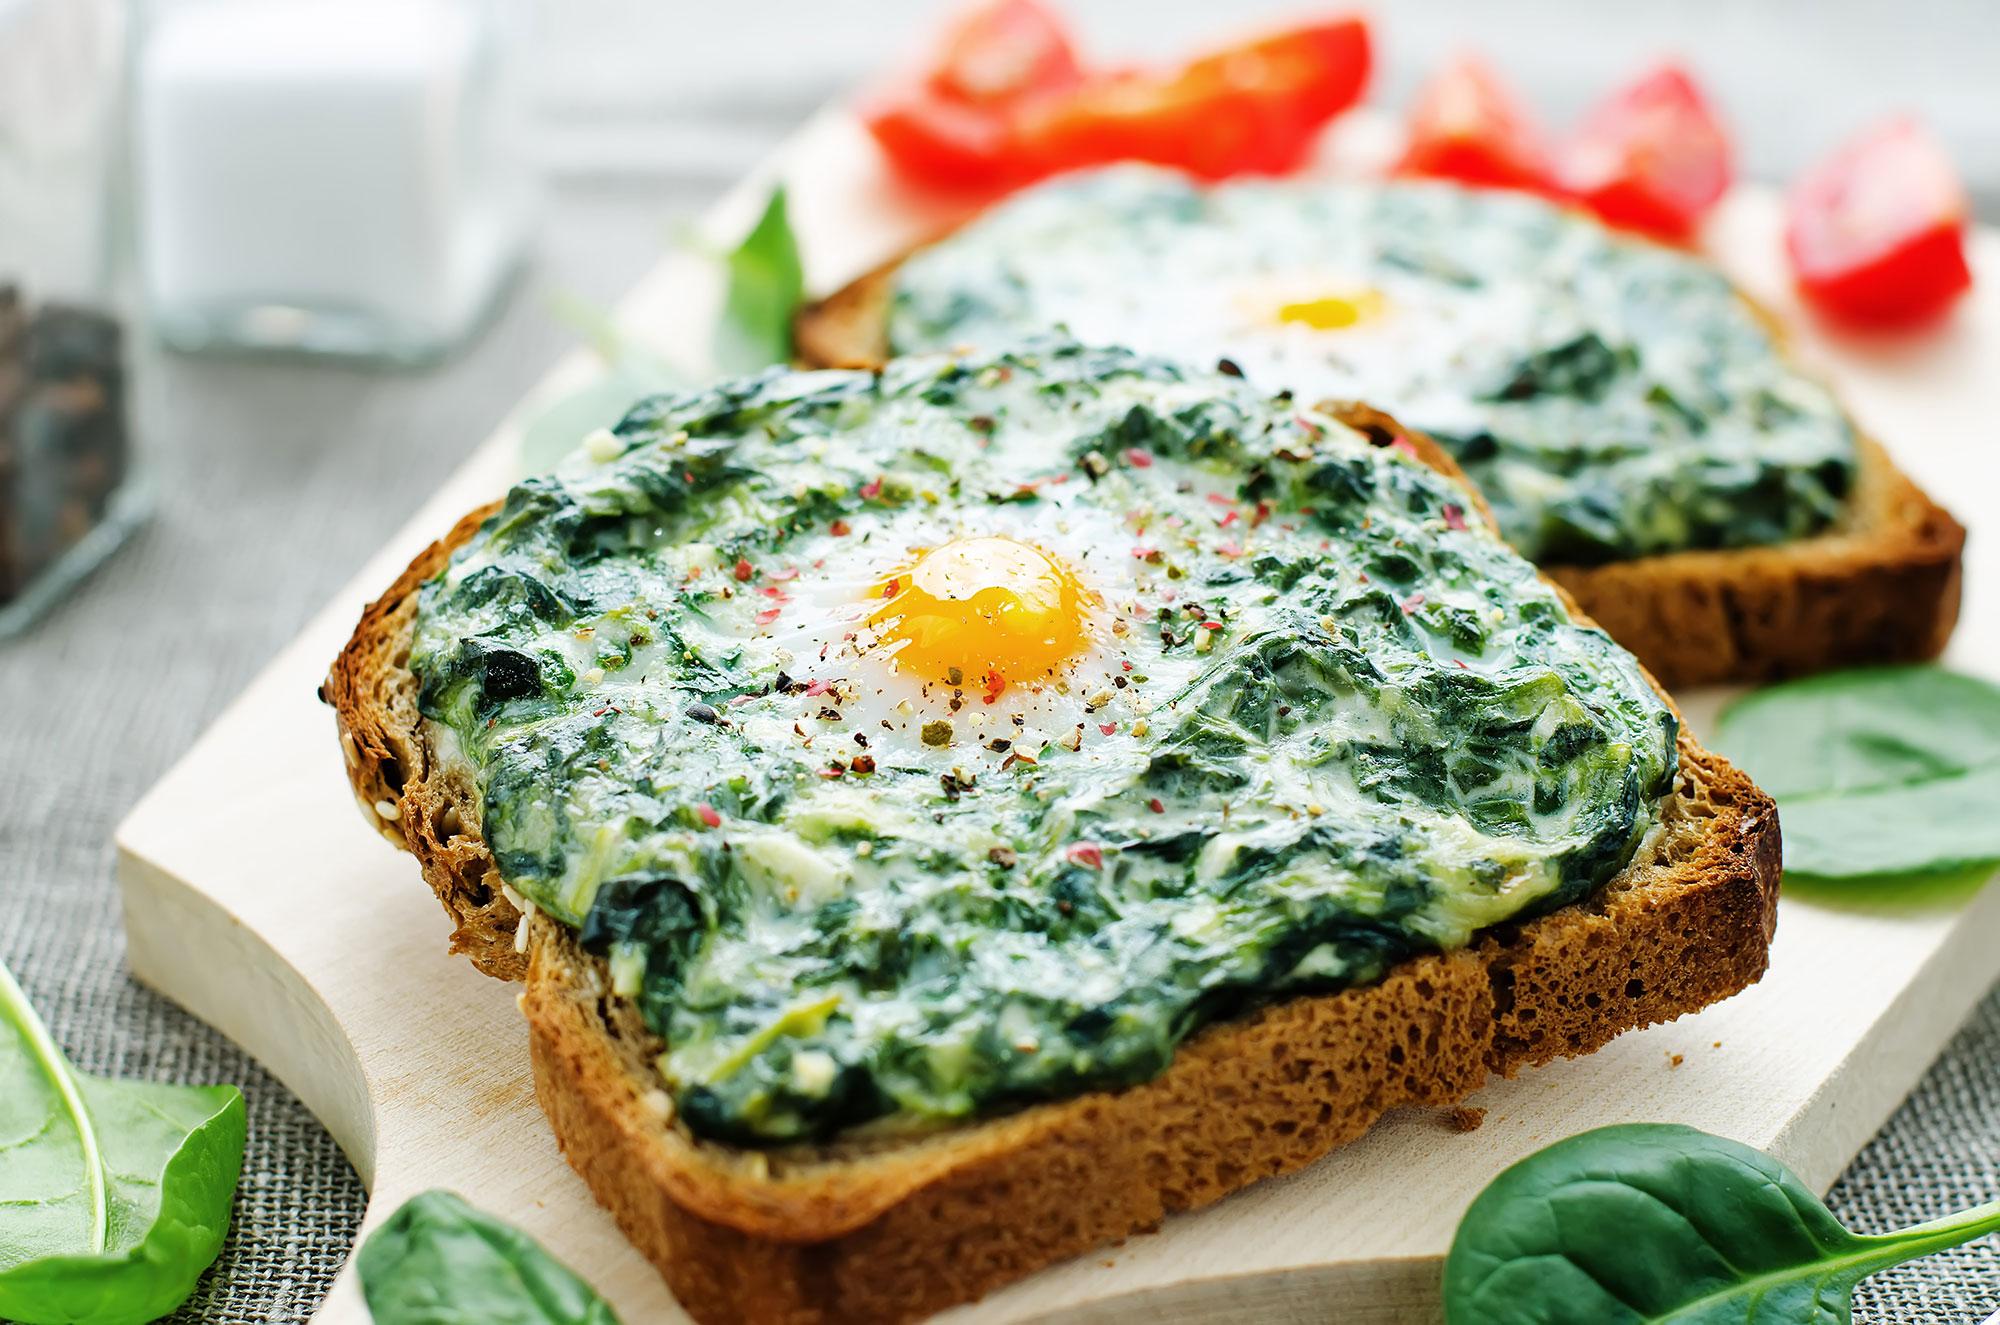 Con esta receta tu estómago resucitará. Foto: Shutterstock.